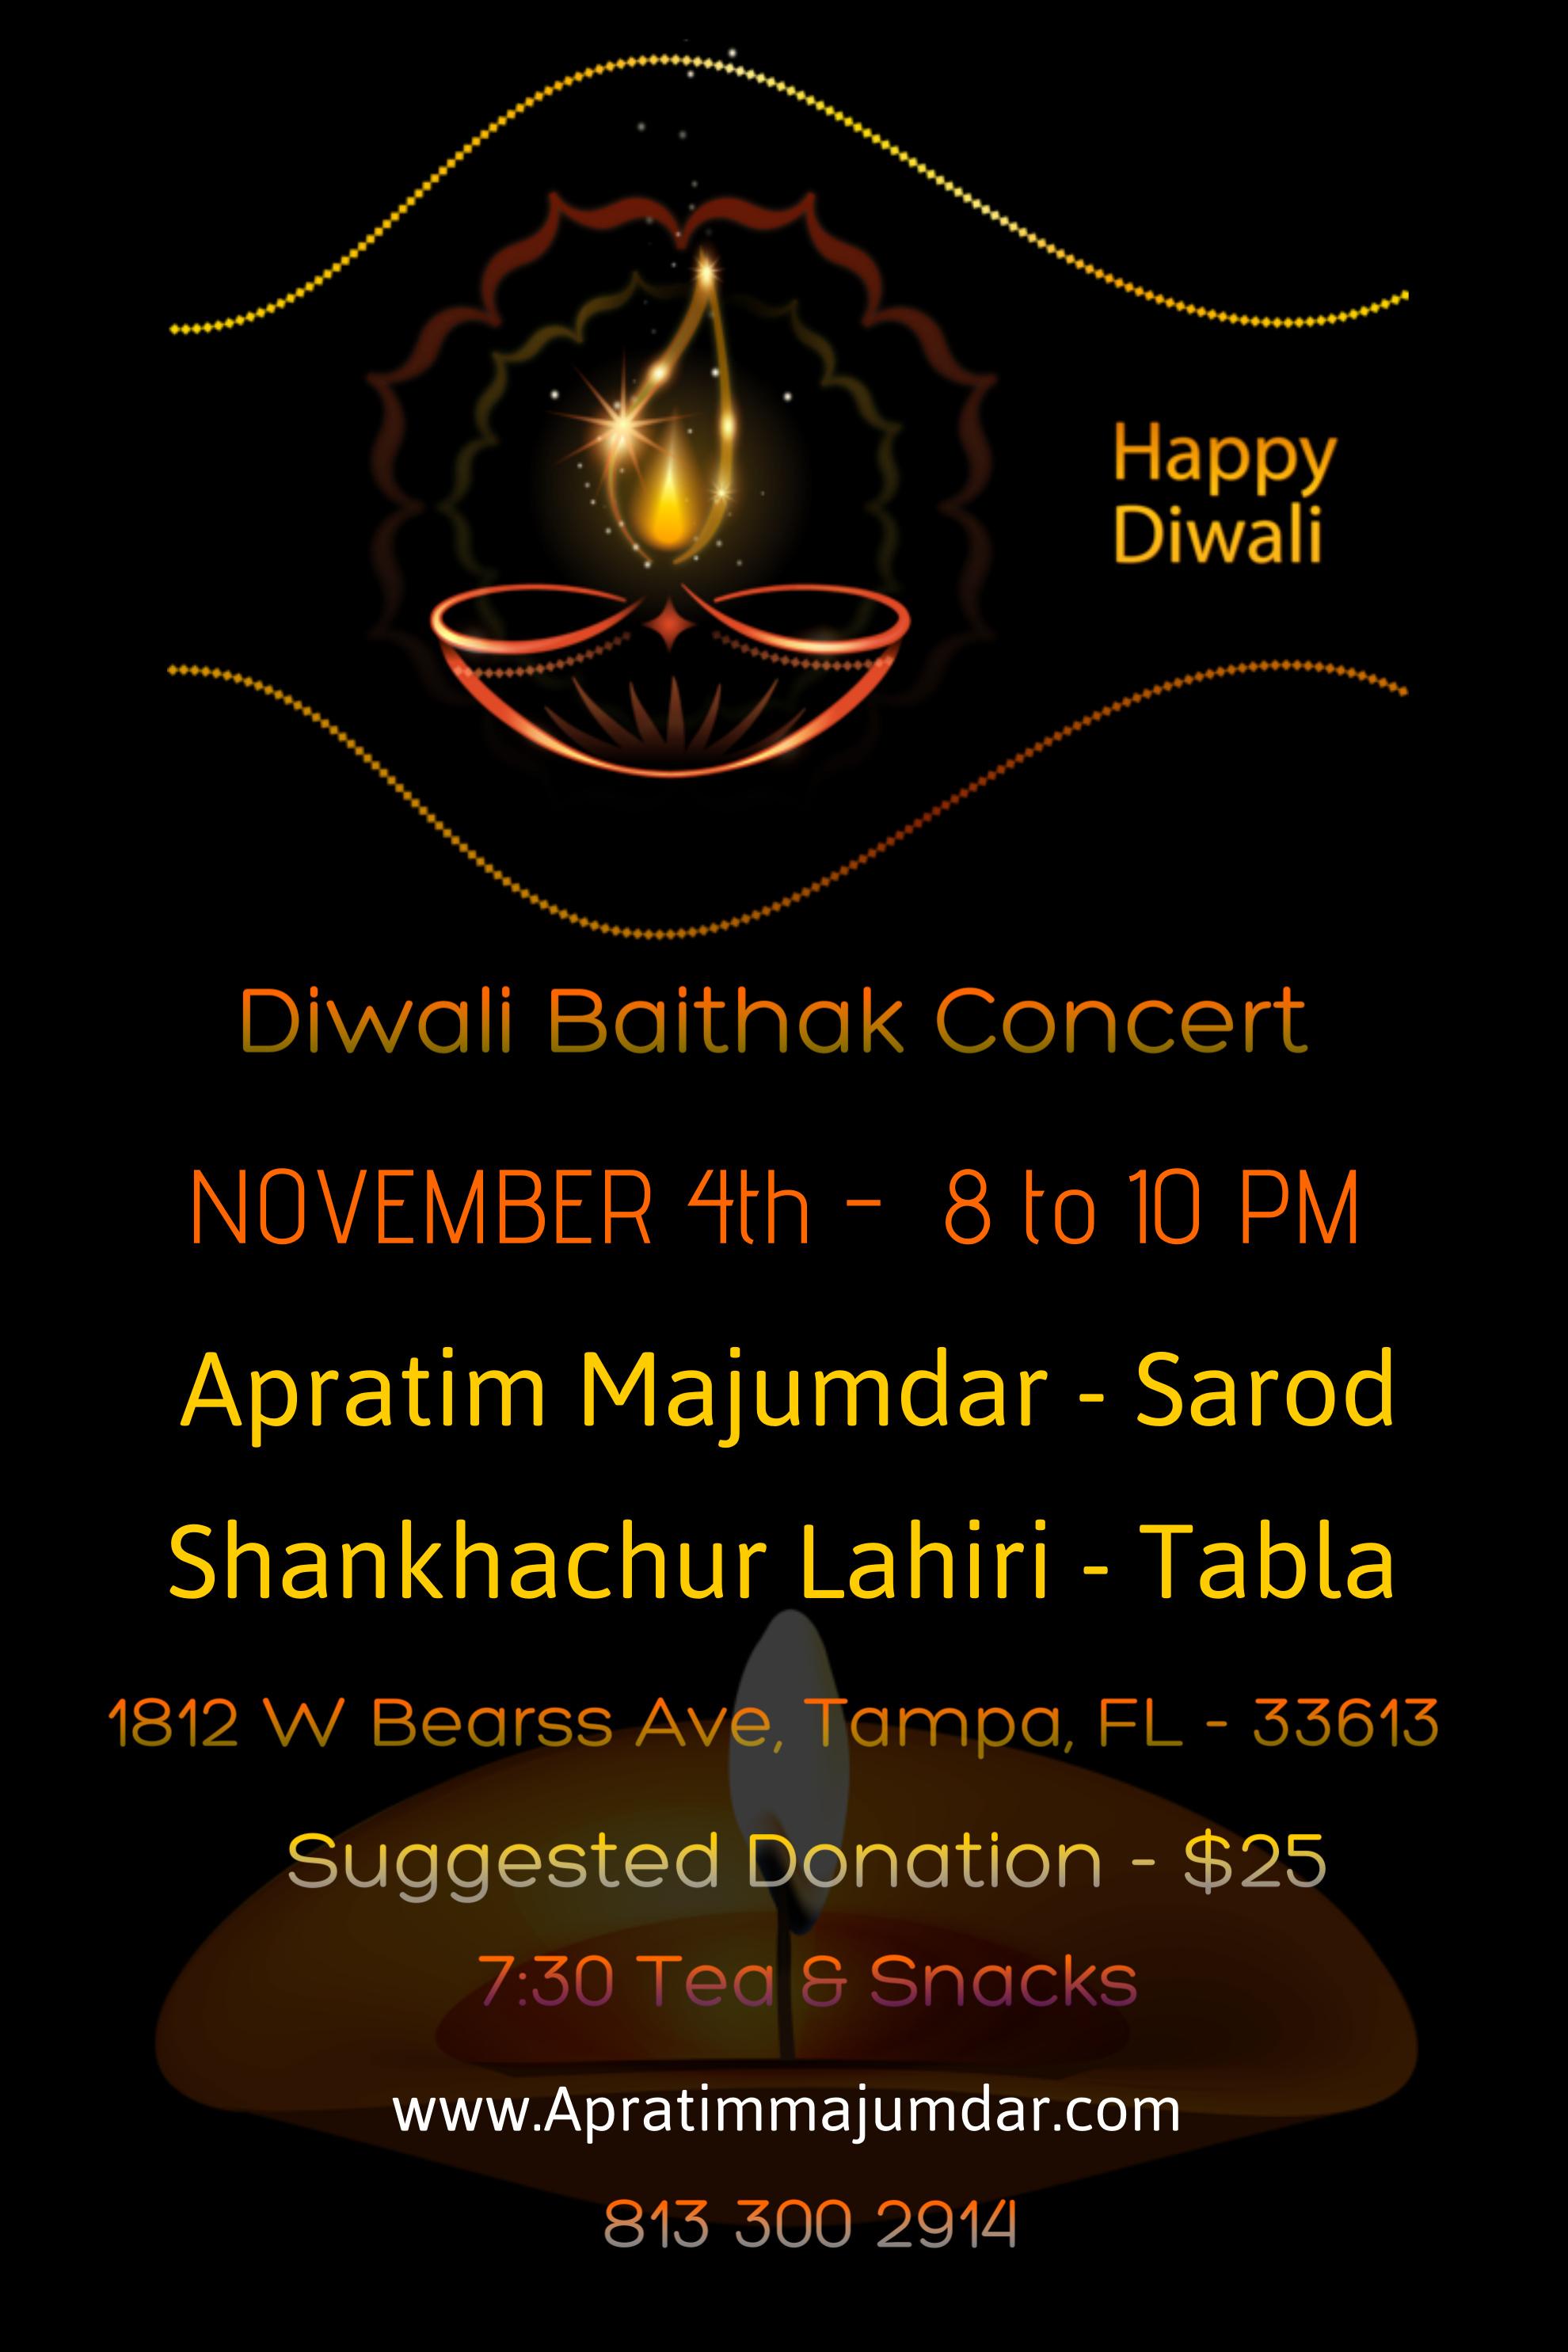 Diwali Baithak Concert